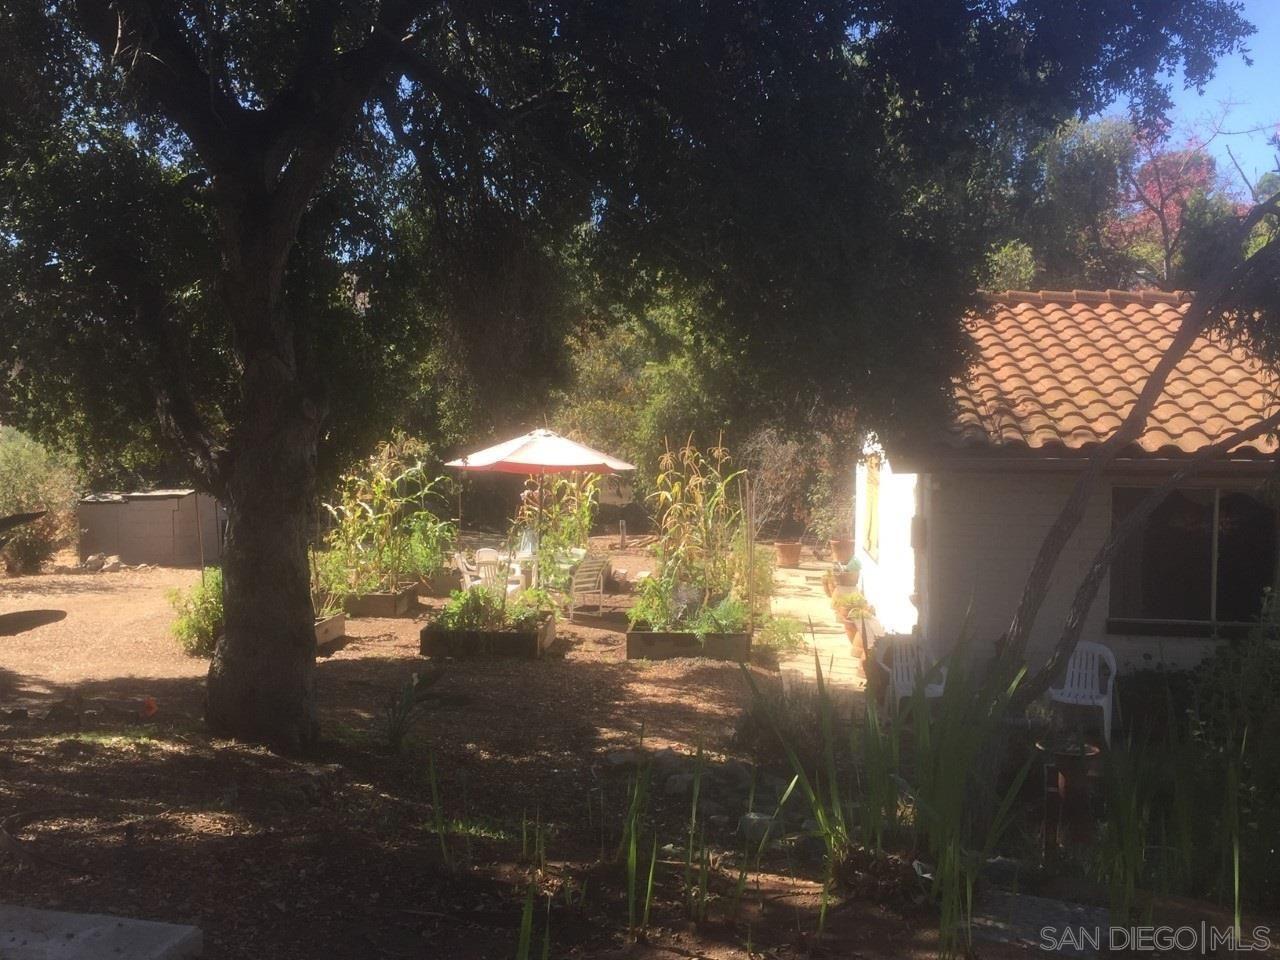 Photo of 3039 El Ku Ave, Escondido, CA 92025 (MLS # 200052558)